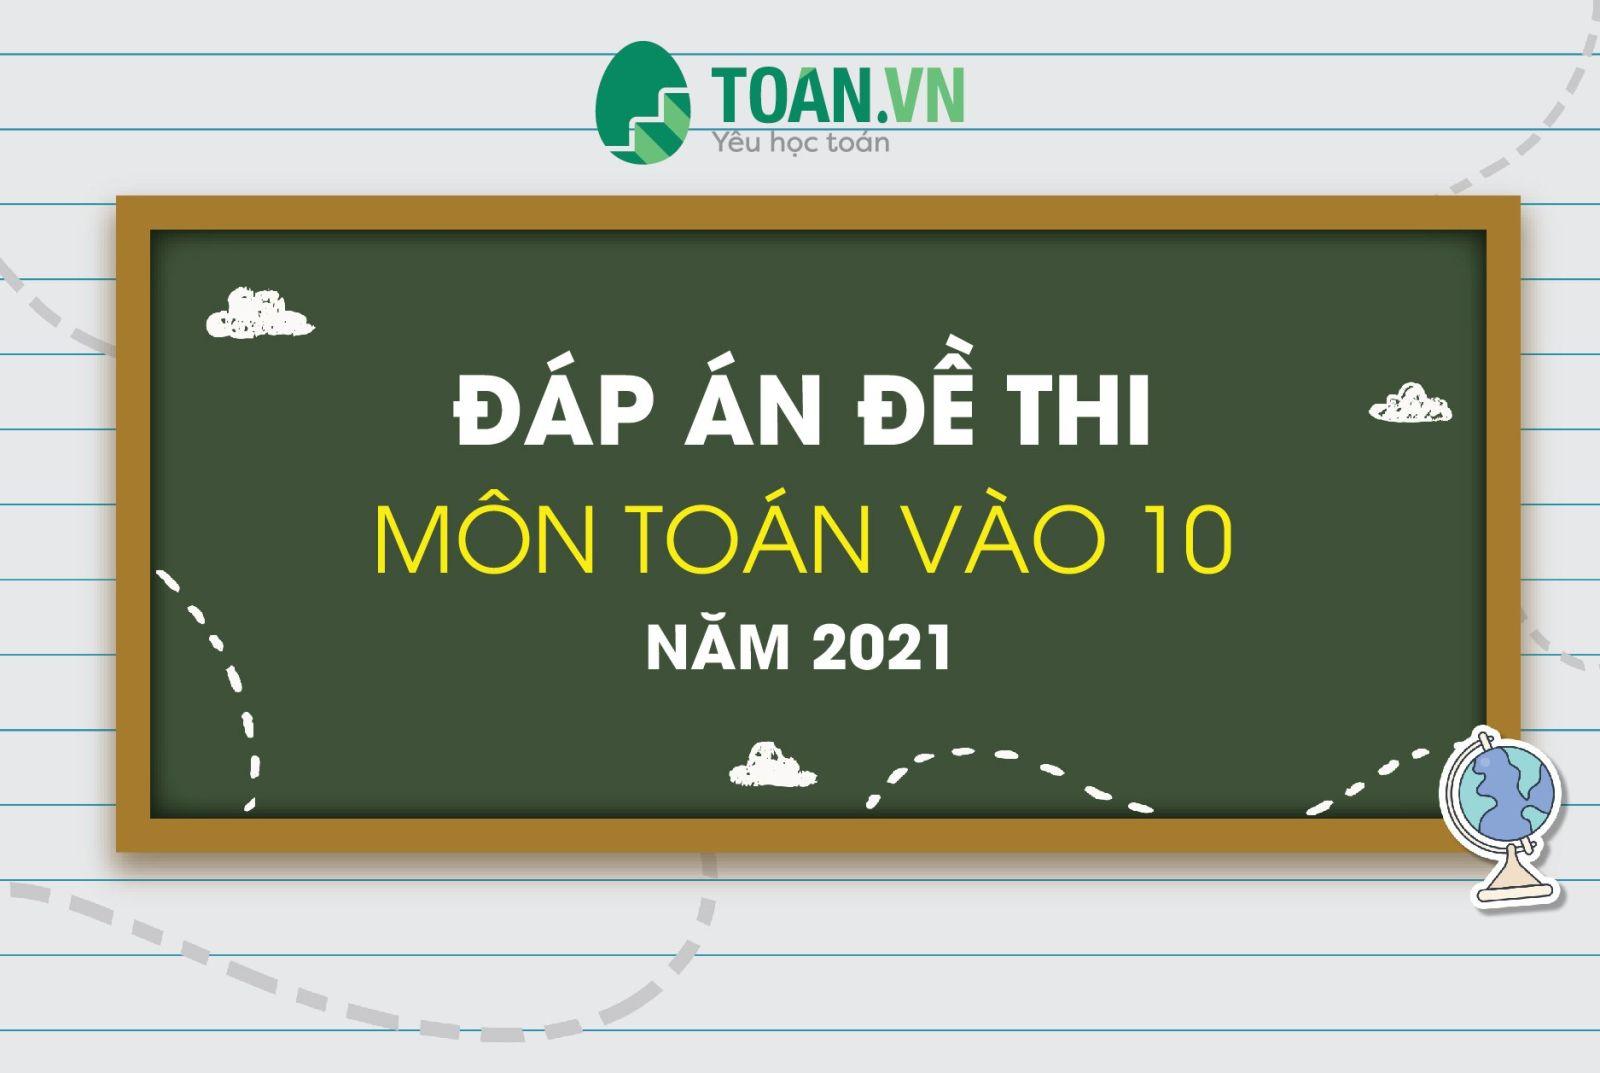 Đáp án đề thi tuyển sinh lớp 10 môn Toán Hà Nội năm 2021